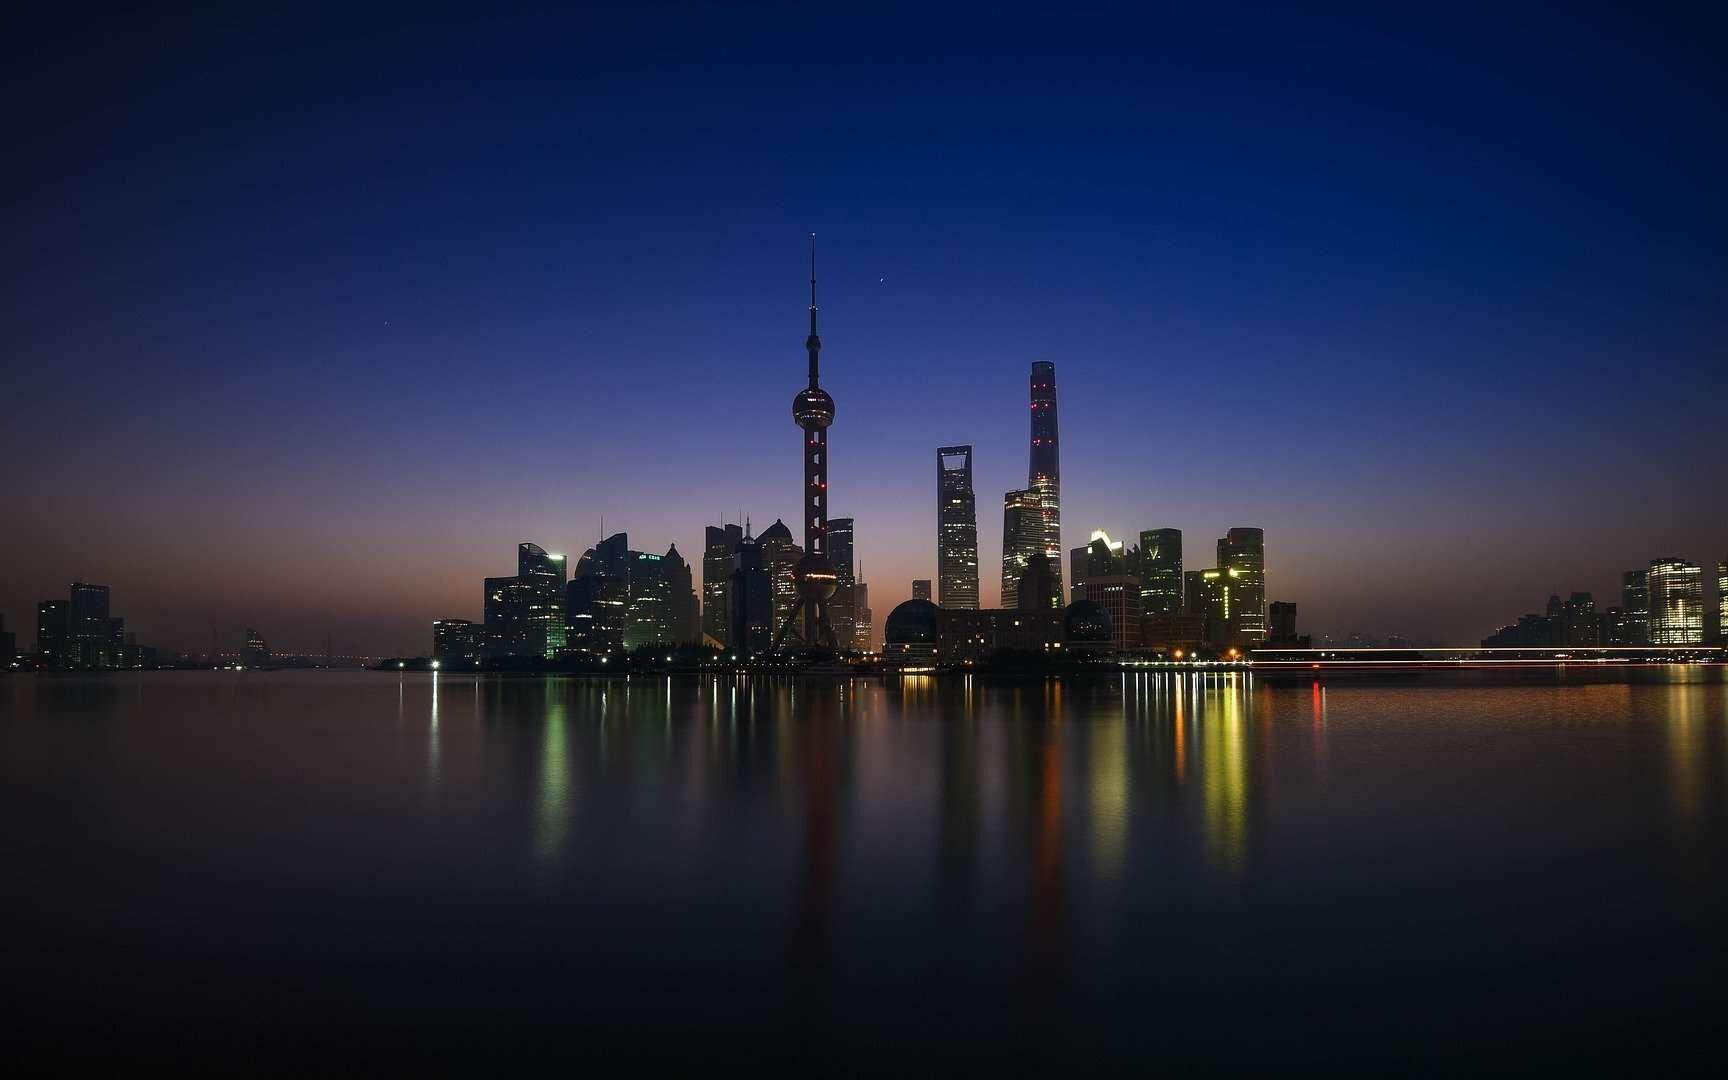 La Chine est régulièrement frappée par des pluies torrentielles lors des périodes de mousson l'été.